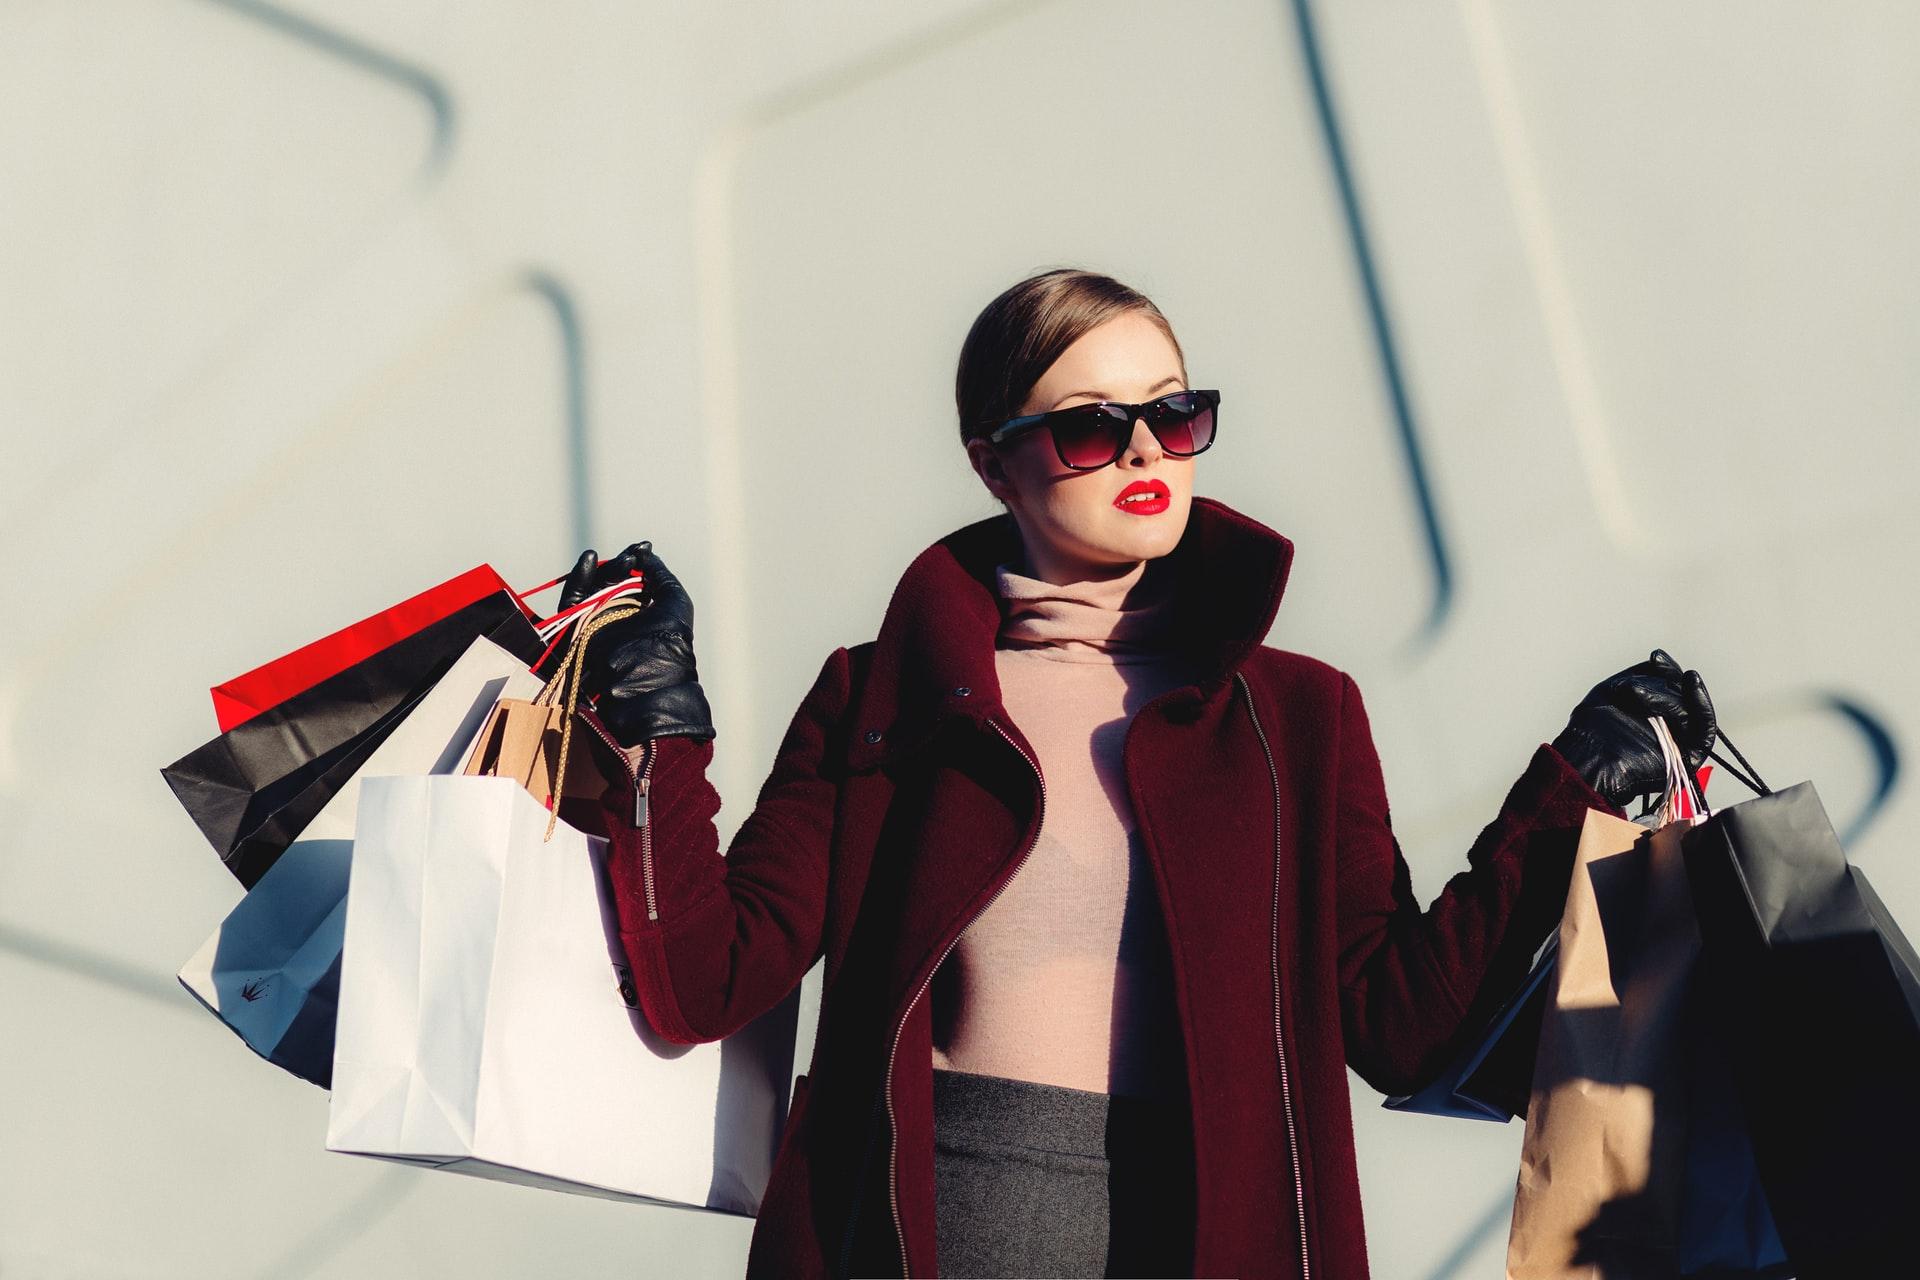 I 10 numeri chiave per vincere le sfide del settore fashion